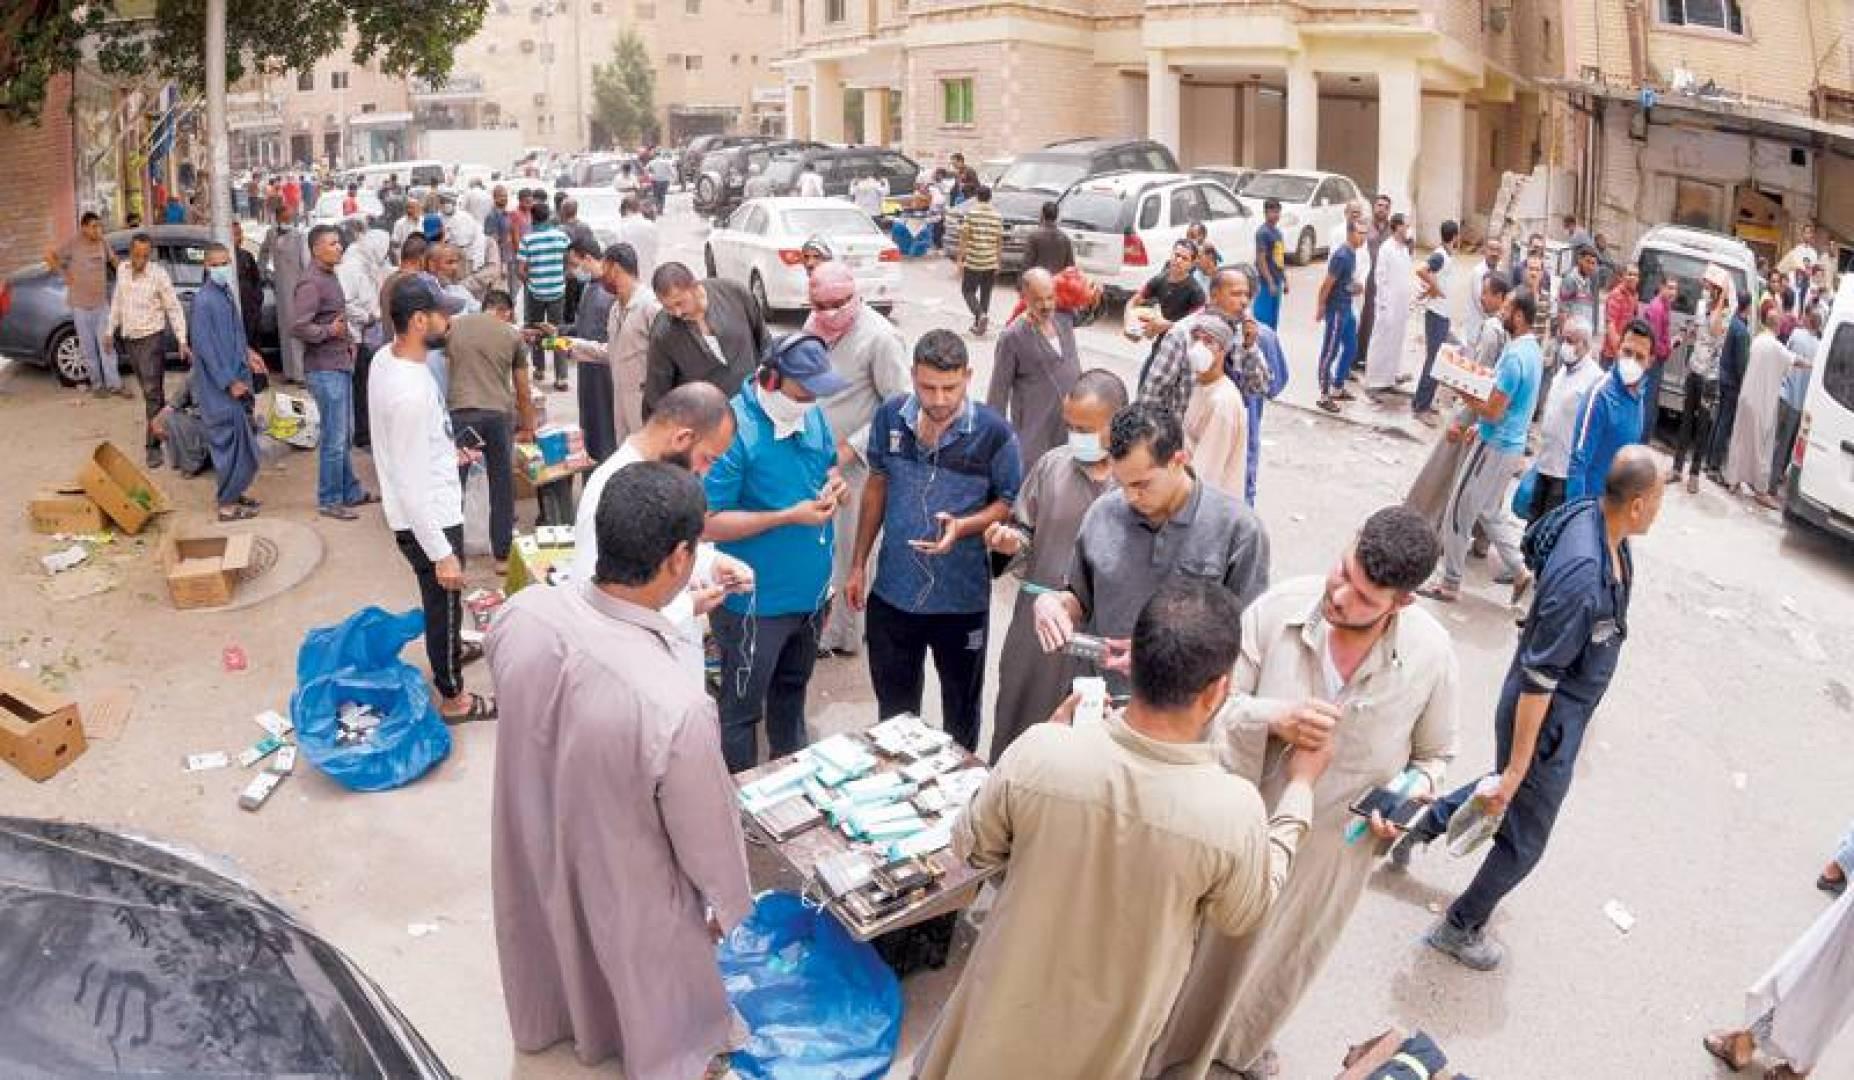 بيع وشراء في الهواء الطلق.. وسط غياب الإجراءات الاحترازية! )تصوير محمود الفوريكي(